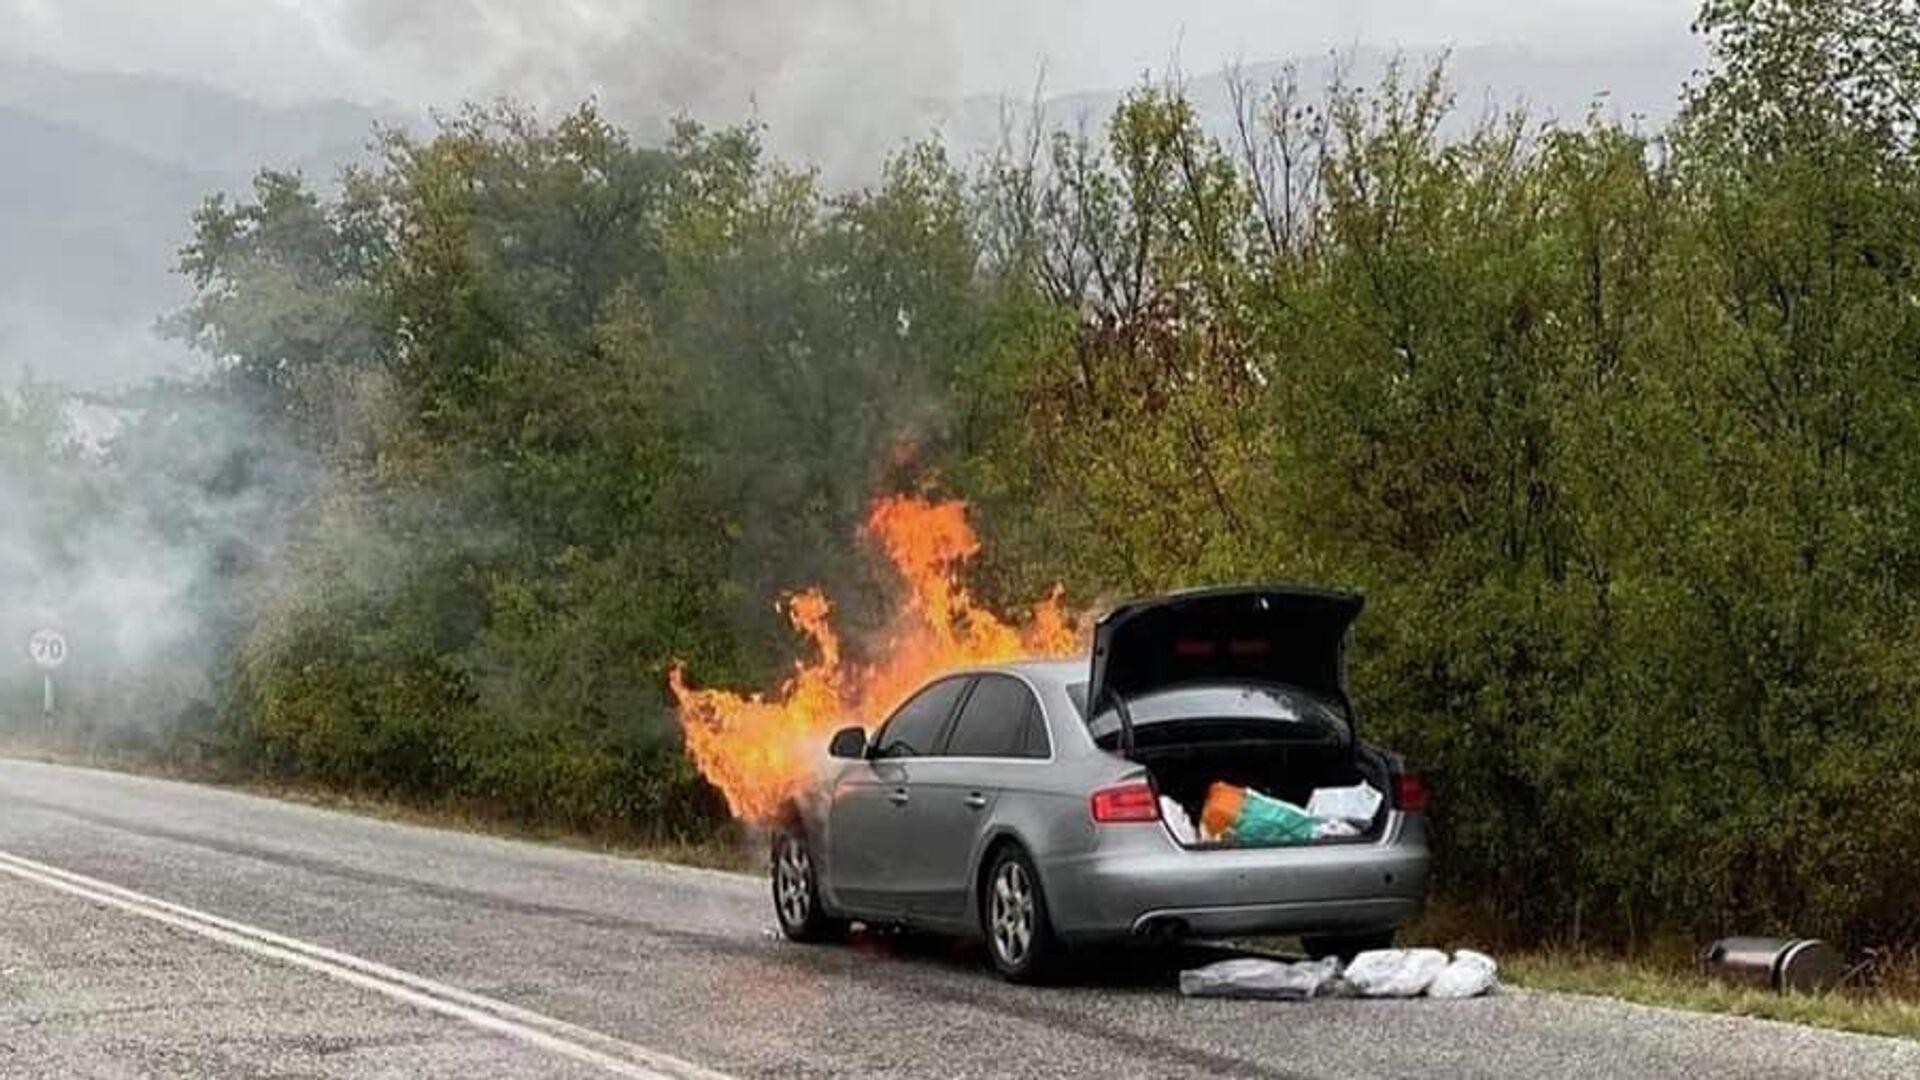 Φωτιά στο αυτοκίνητο του Παναγιώτη Ψωμιάδη ενώ οδηγούσε - Sputnik Ελλάδα, 1920, 09.10.2021